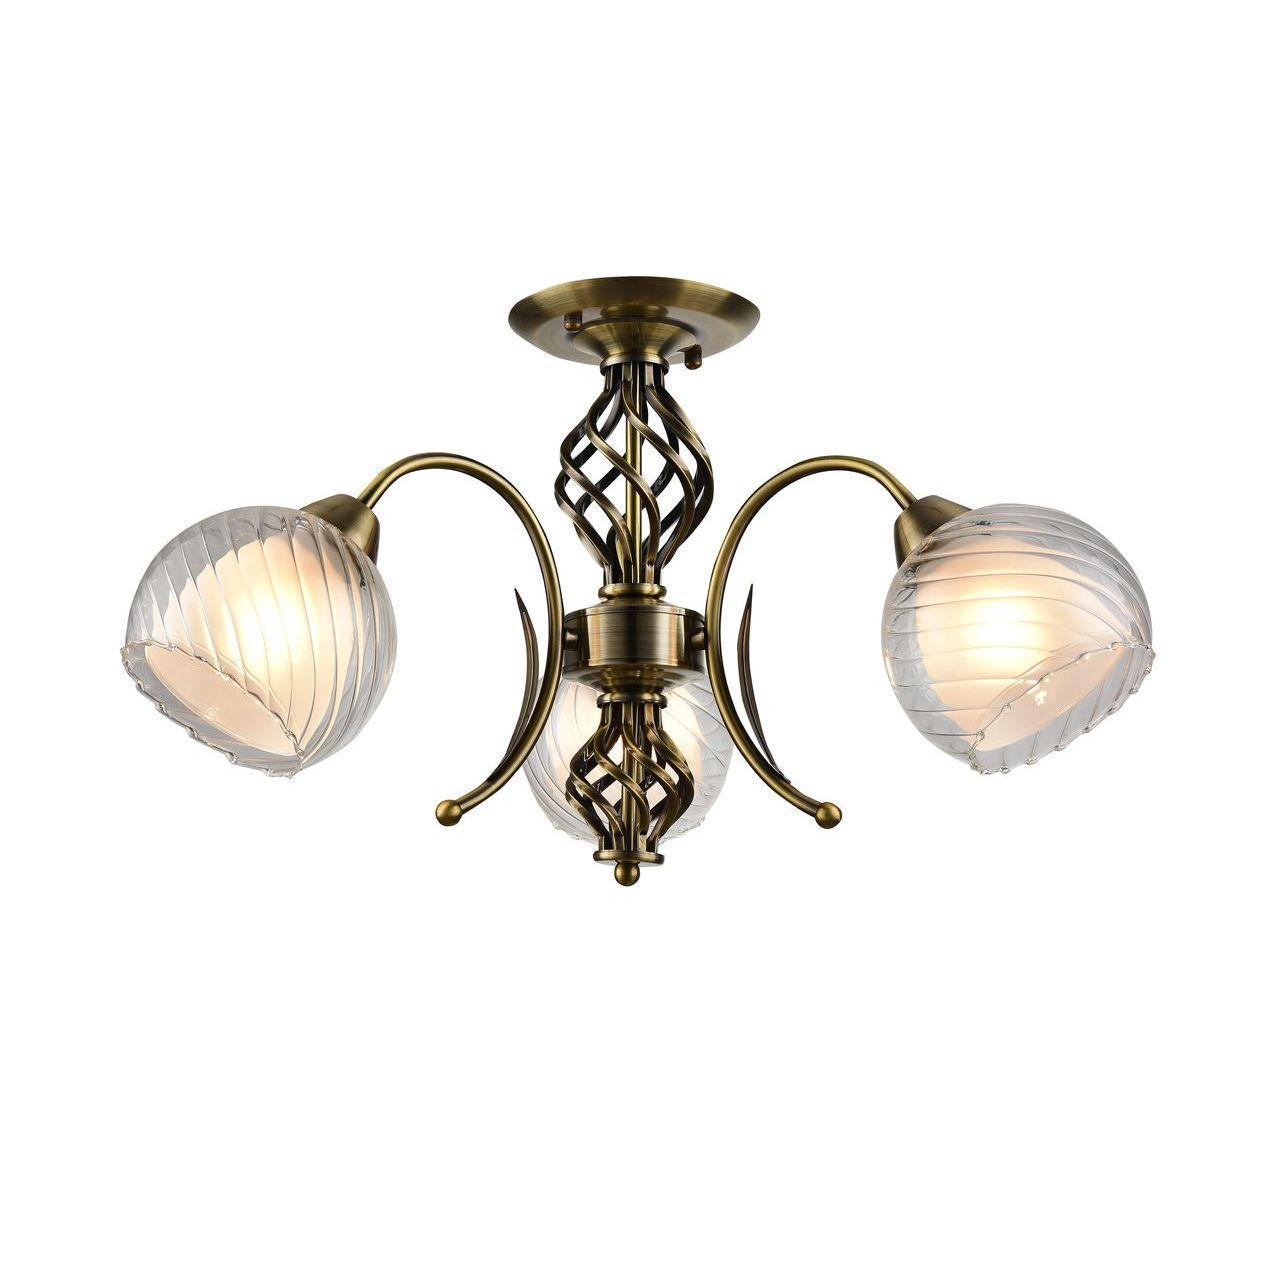 Люстра Arte Lamp Dolcemente A1607PL-3AB потолочная люстра на штанге arte lamp dolcemente a1607pl 5ab